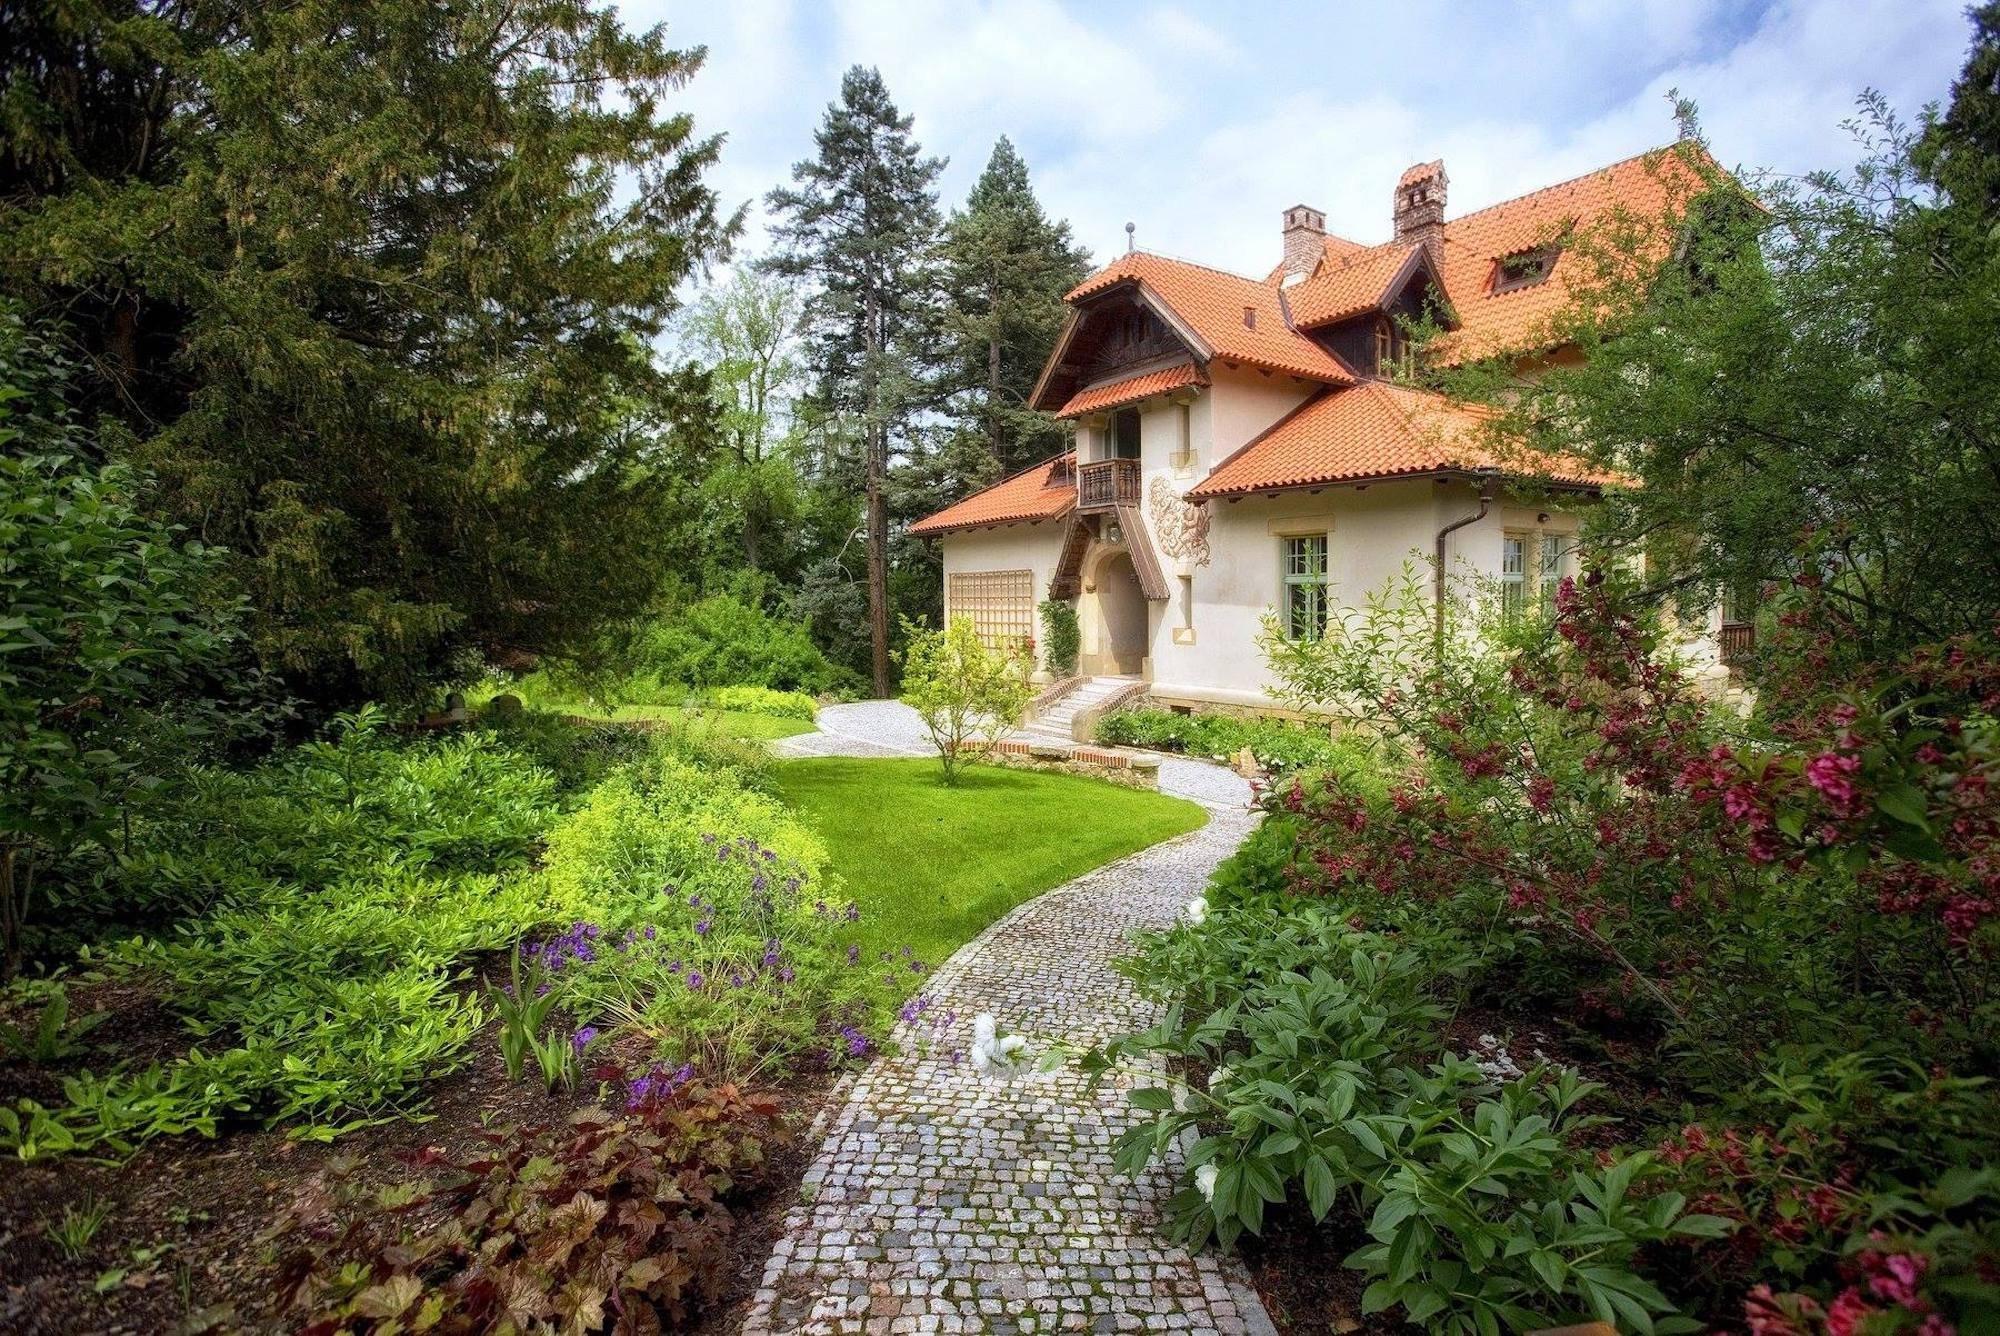 Vhodně navržené cesty, chodníčky, terásky a schody dodávají zahradě ten správný řád a romantický dotek. Dají se také nasvítit, čímž umožňují bezpečný pohyb po zahradě. Každá procházka po zeleném království je tak díky chodníčkům tím pravým požitkem. Navíc zjednoduší i každodenní zalévání, při kterém už nebude nutné balancovat uprostřed záhonu plného květin a zeleniny s kropáčem plným vody. Cesty a chodníčky hrají zkrátka v zahradě svou praktickou i estetickou roli.